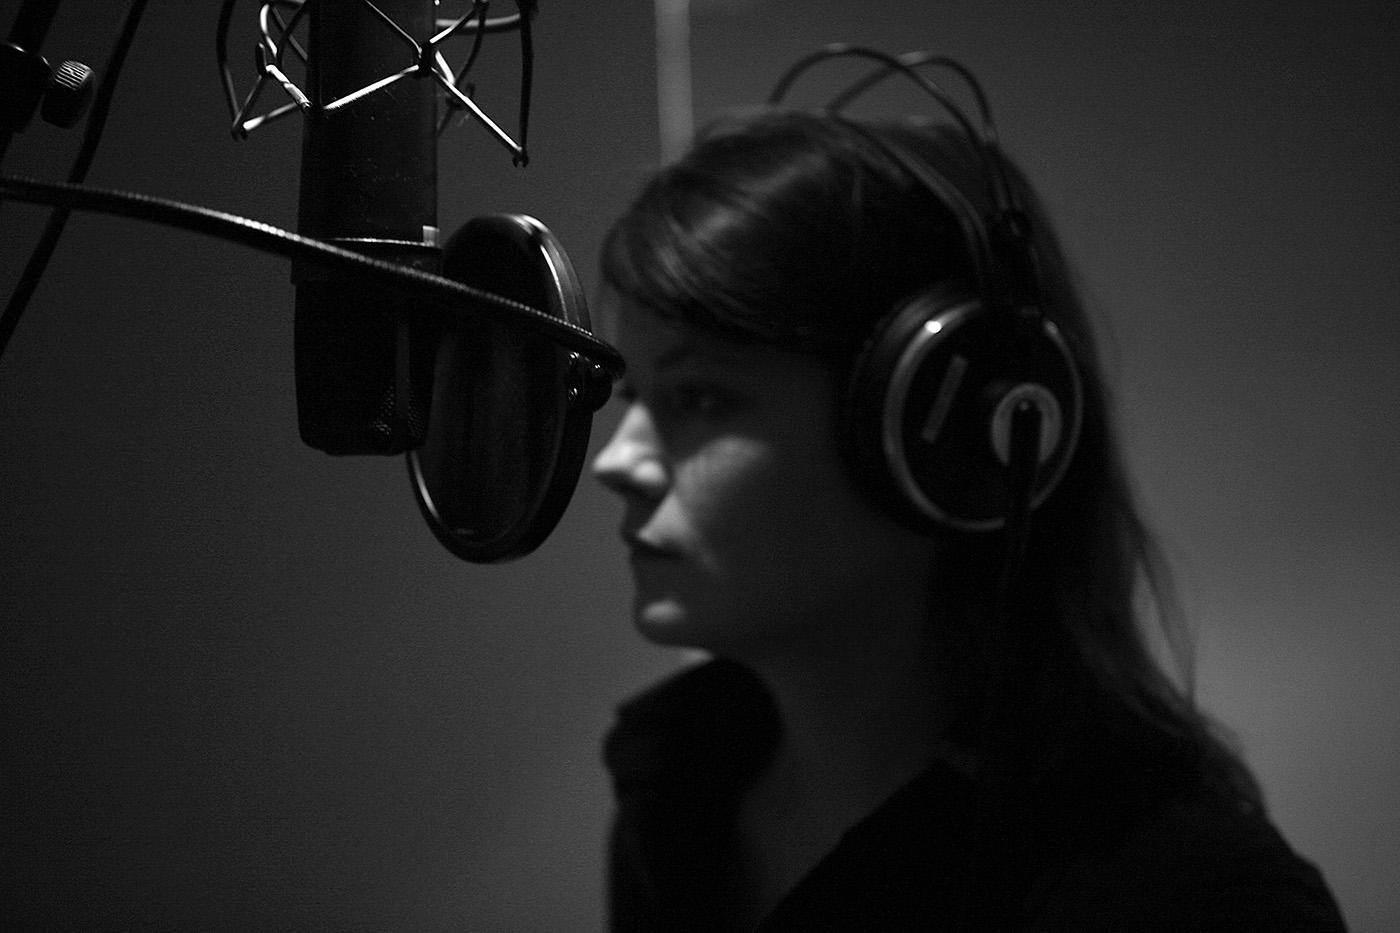 Quelques clichés réalisés en studio durant l'enregistrement du EP de Dawn (ici, Aurore Imbert, Gabriel Mimouni et Simon Tailleu).